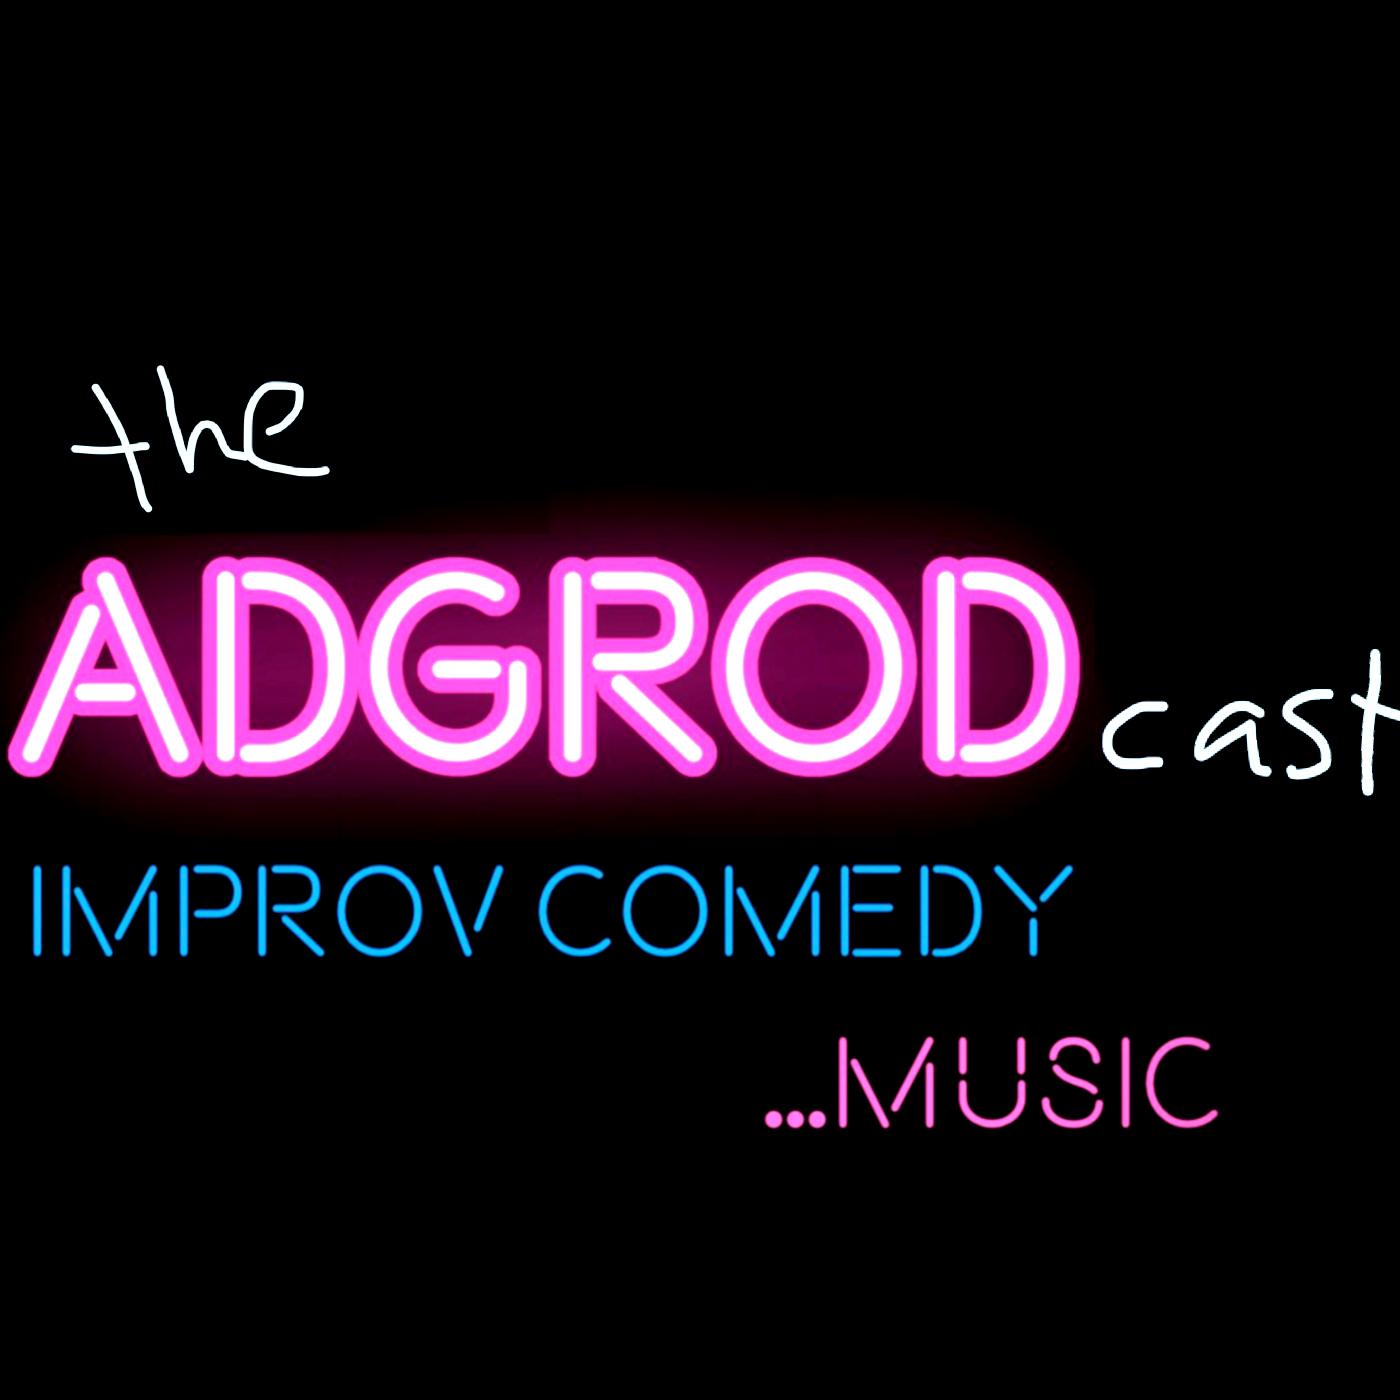 The AdGRodcast show art